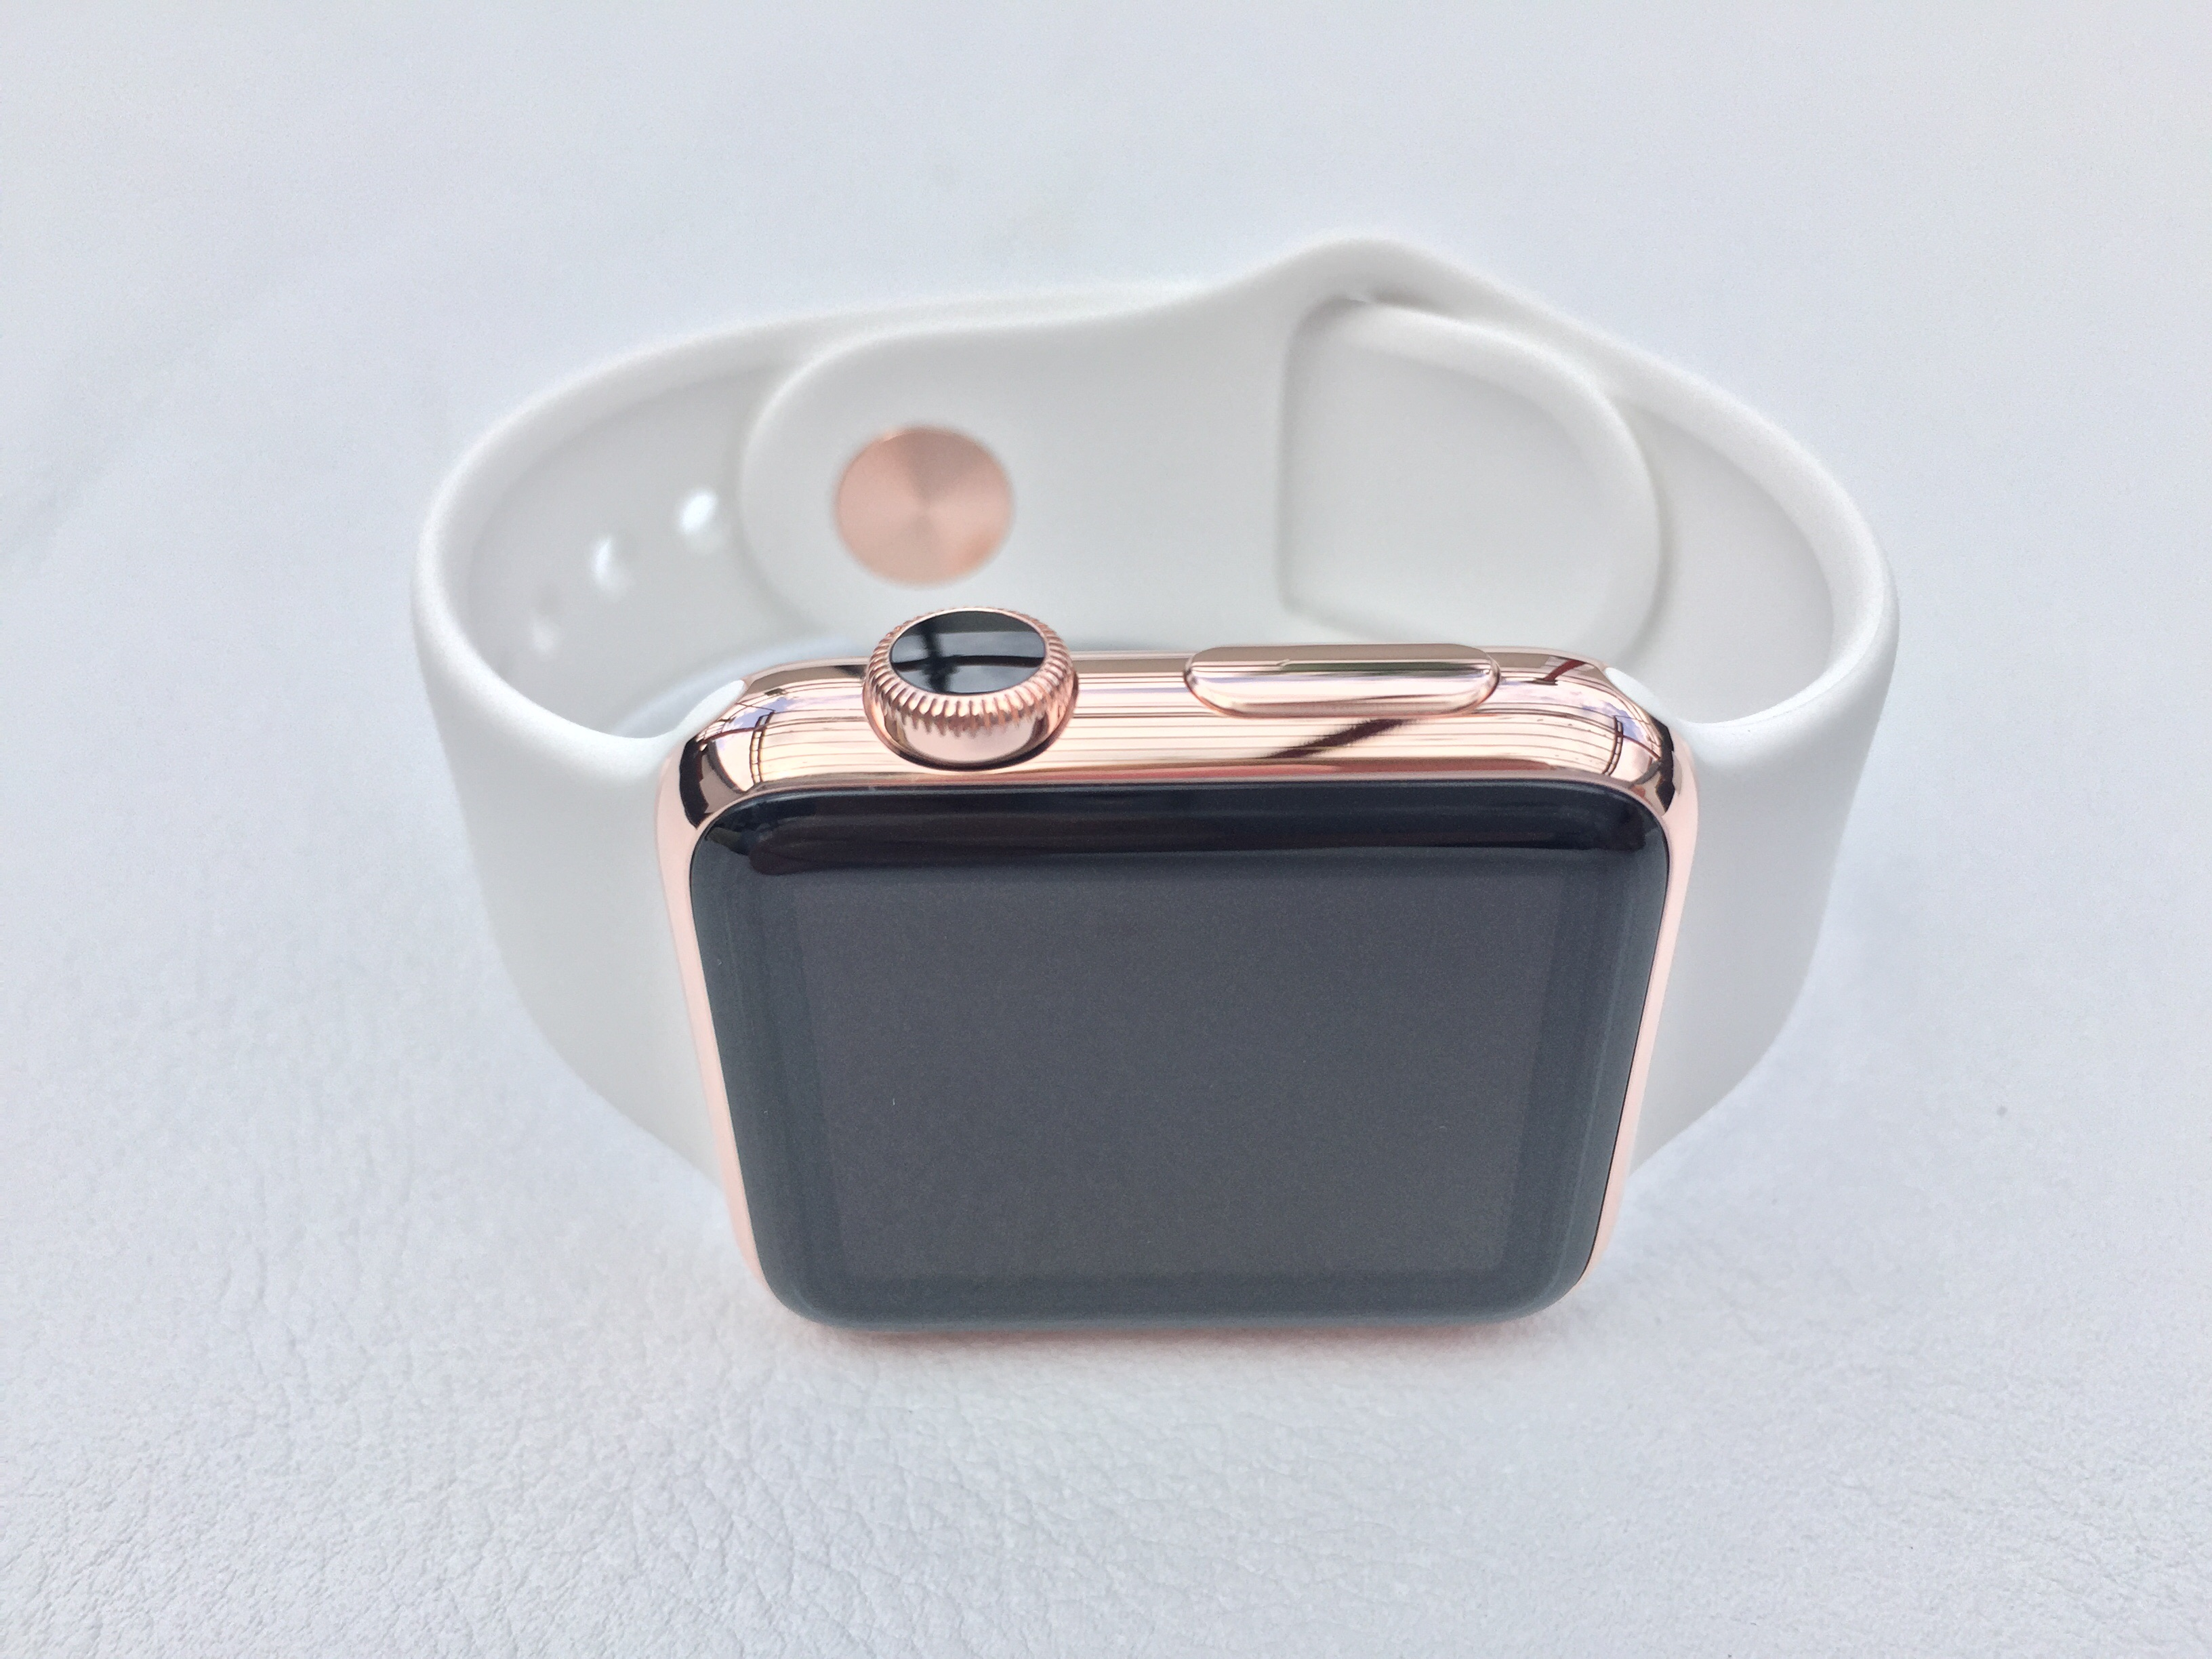 wie f rbe ich die krone der apple watch wei weiss glas lackieren. Black Bedroom Furniture Sets. Home Design Ideas